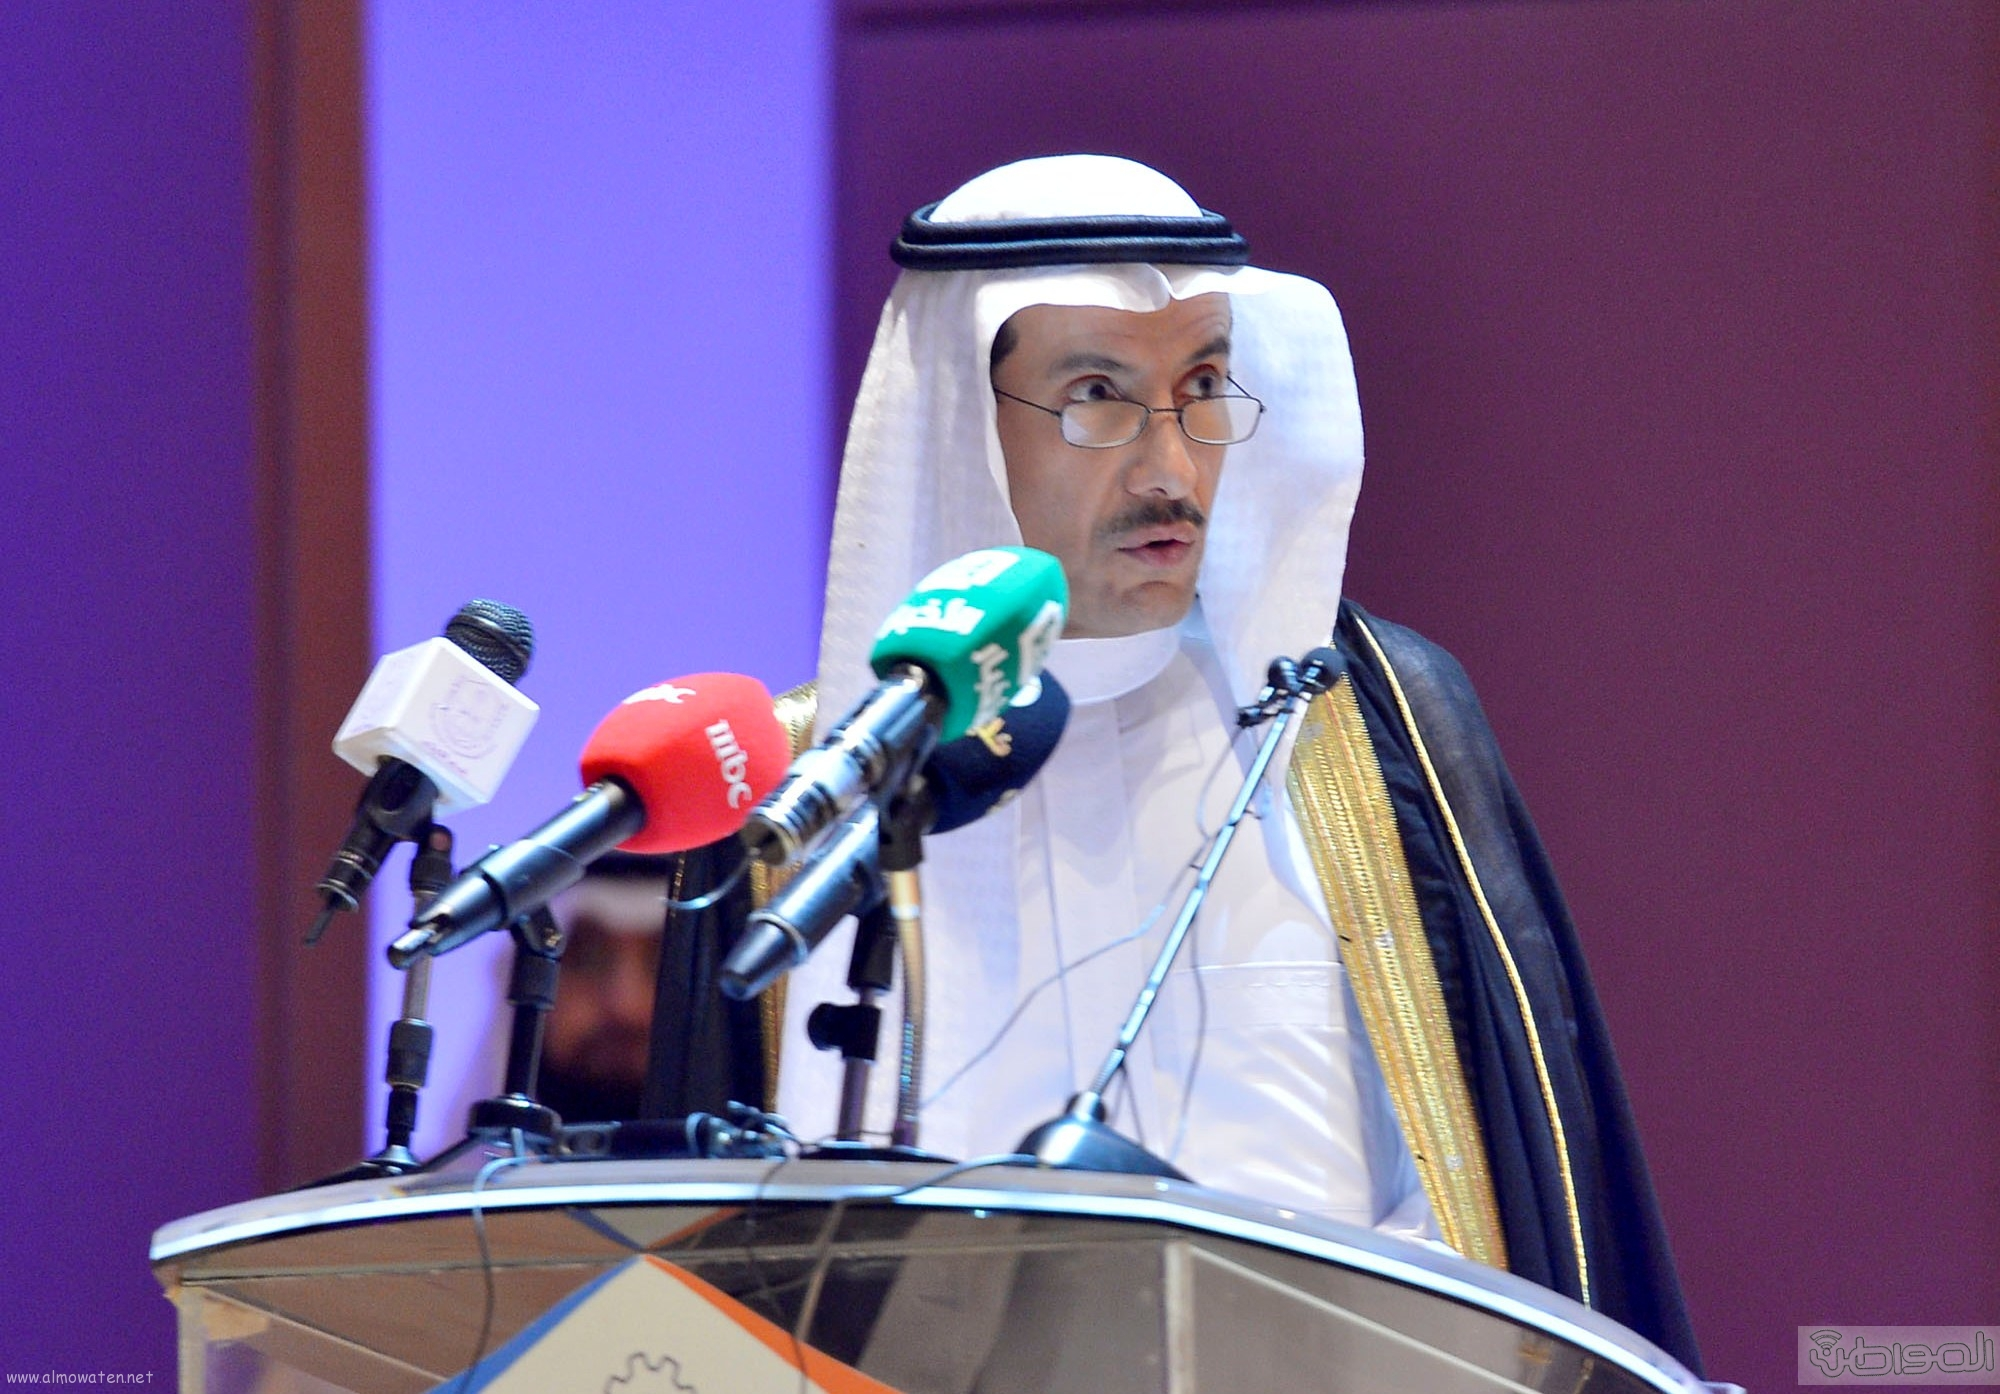 امير الرياض خلال رعاية طموح ملك لمستقبل وطن (13)